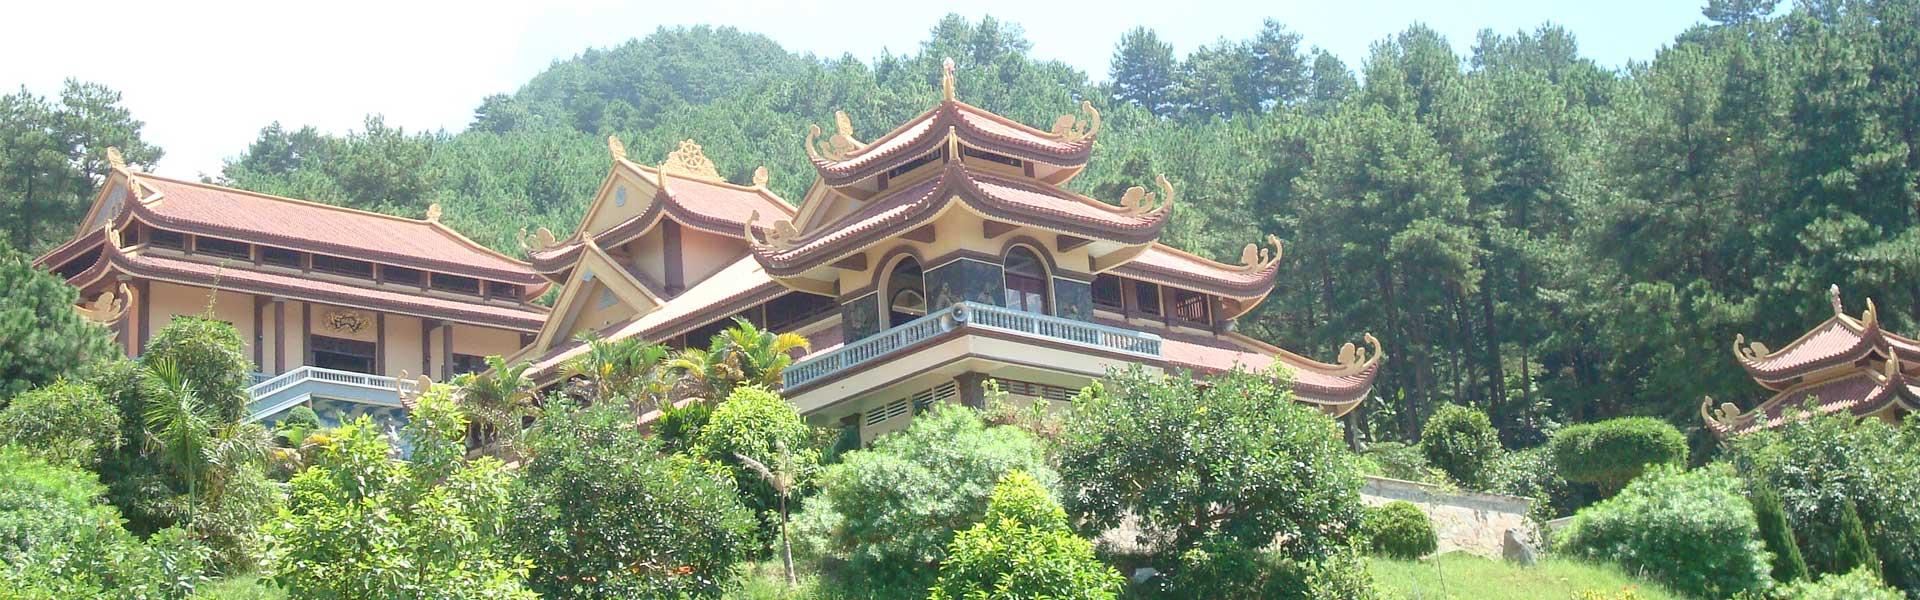 Khám phá Thiền viện Trúc Lâm Đà Lạt